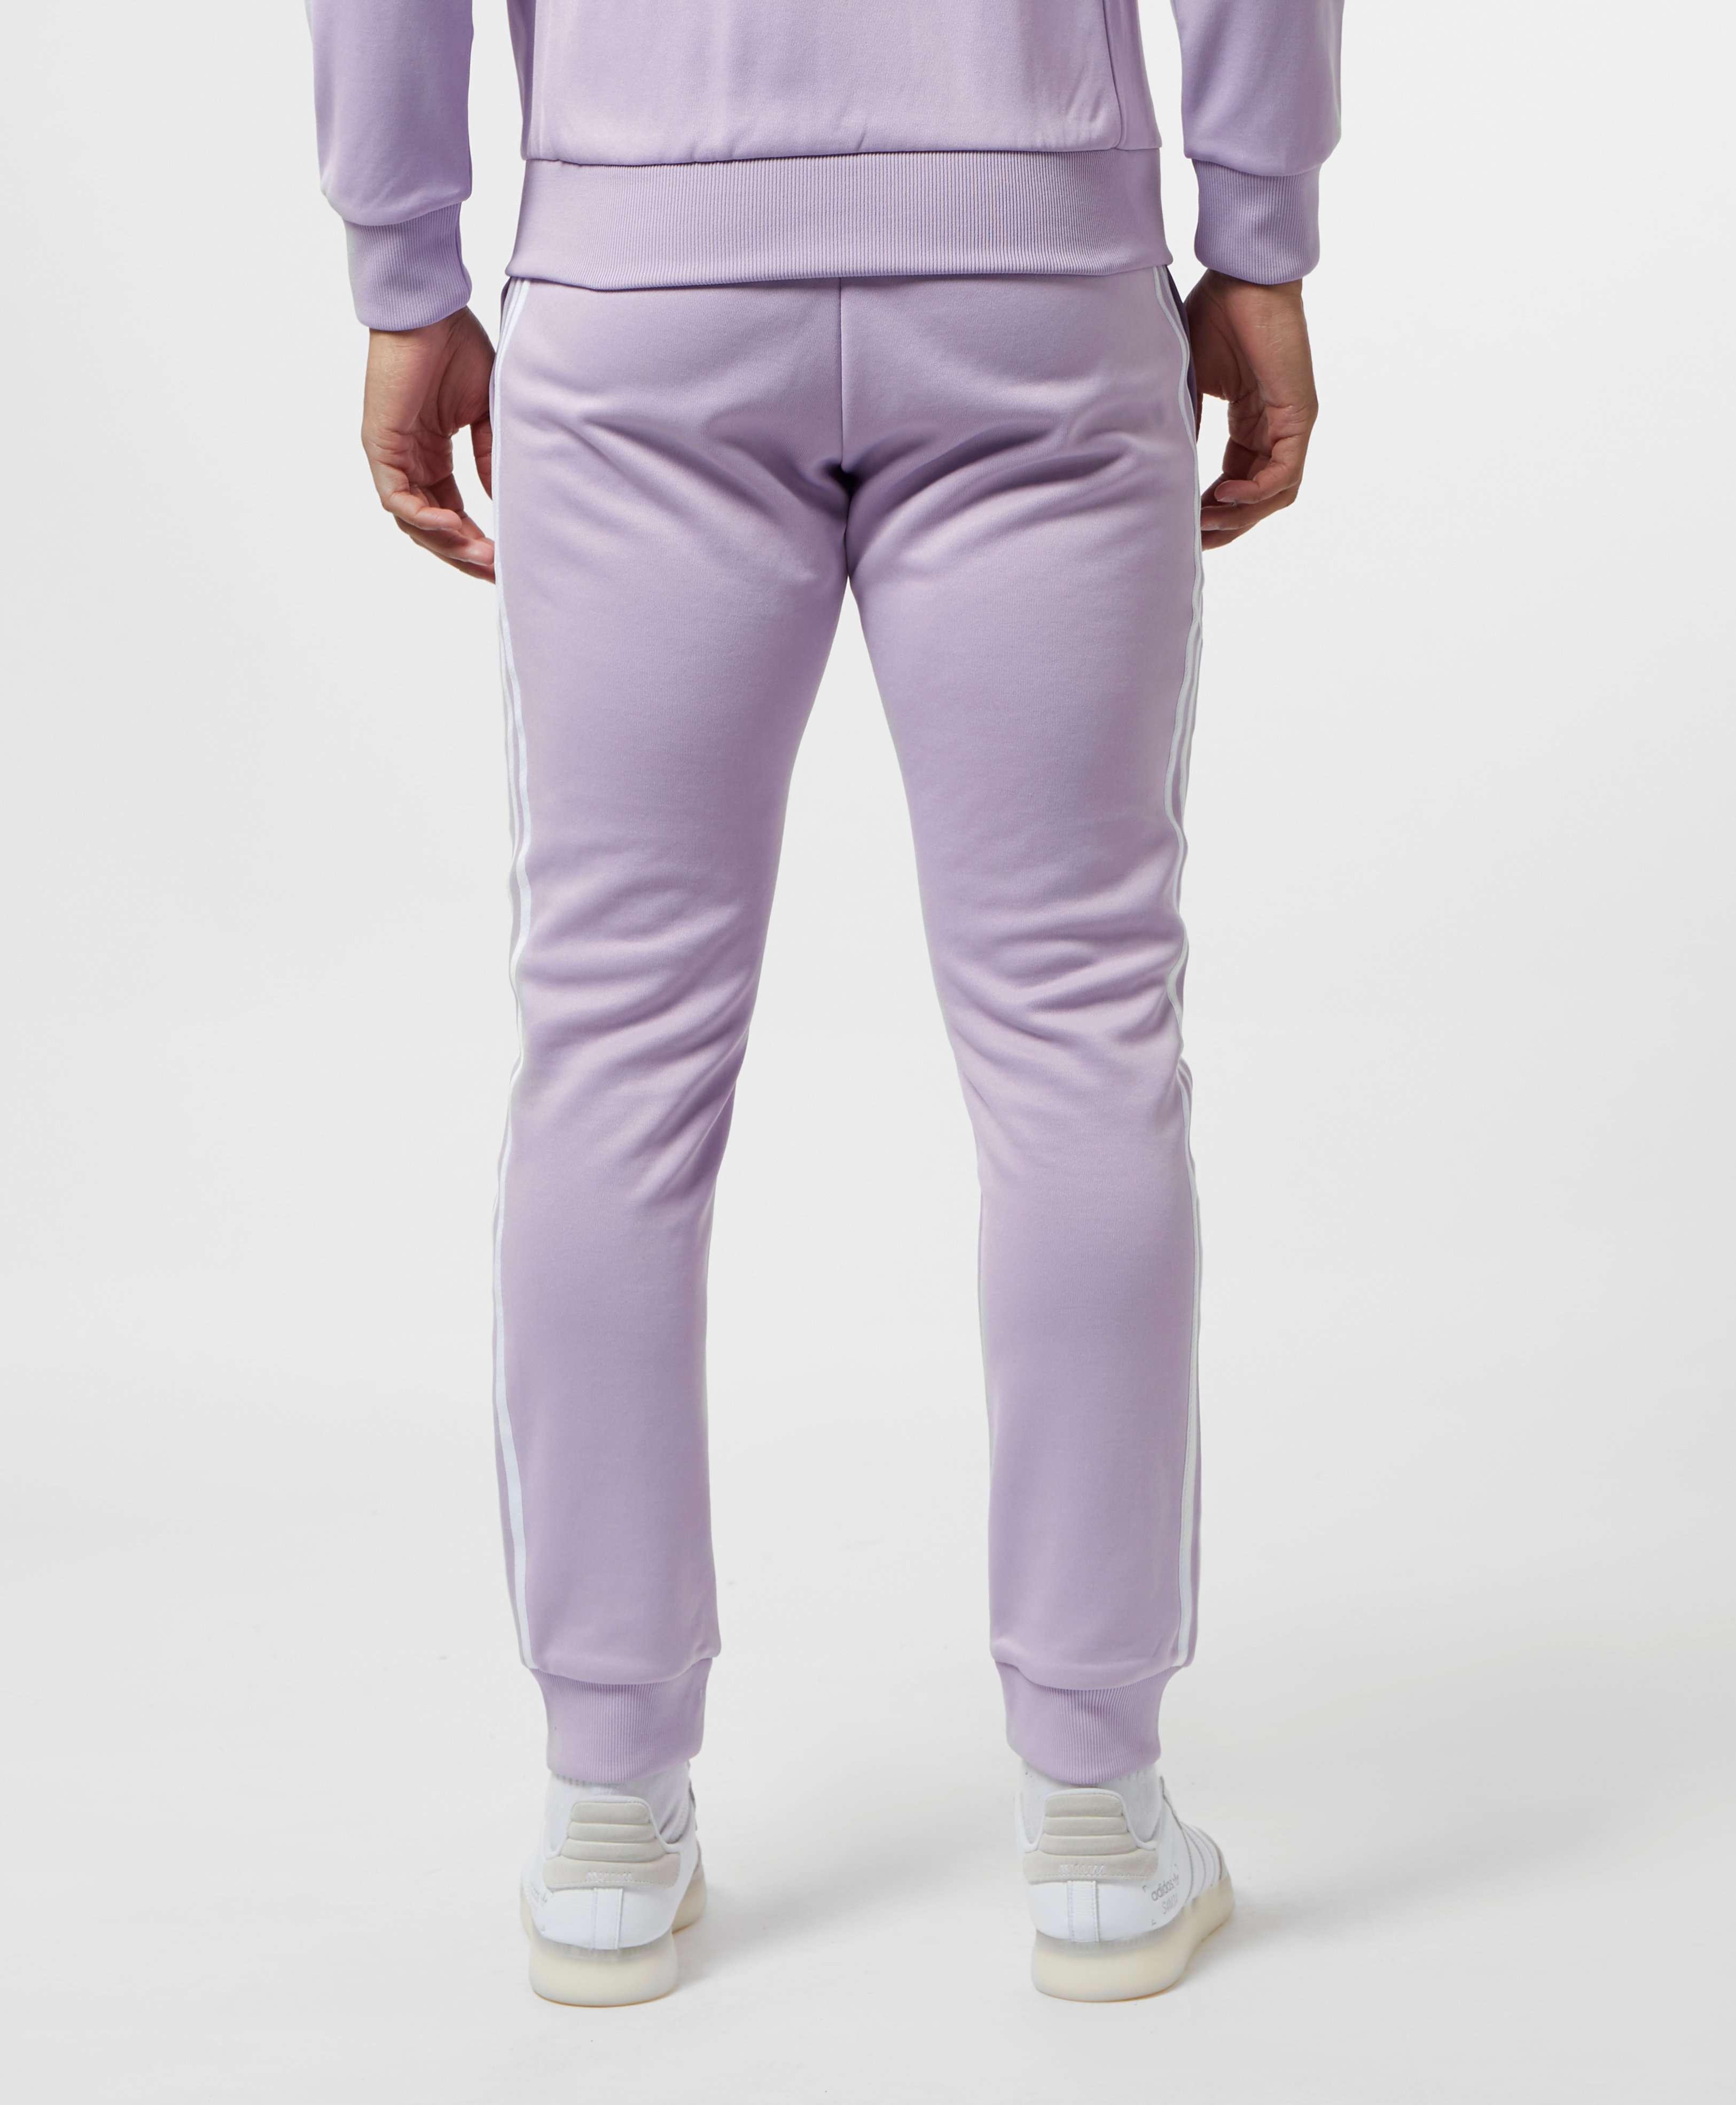 adidas Originals Superstar Cuffed Fleece Pants